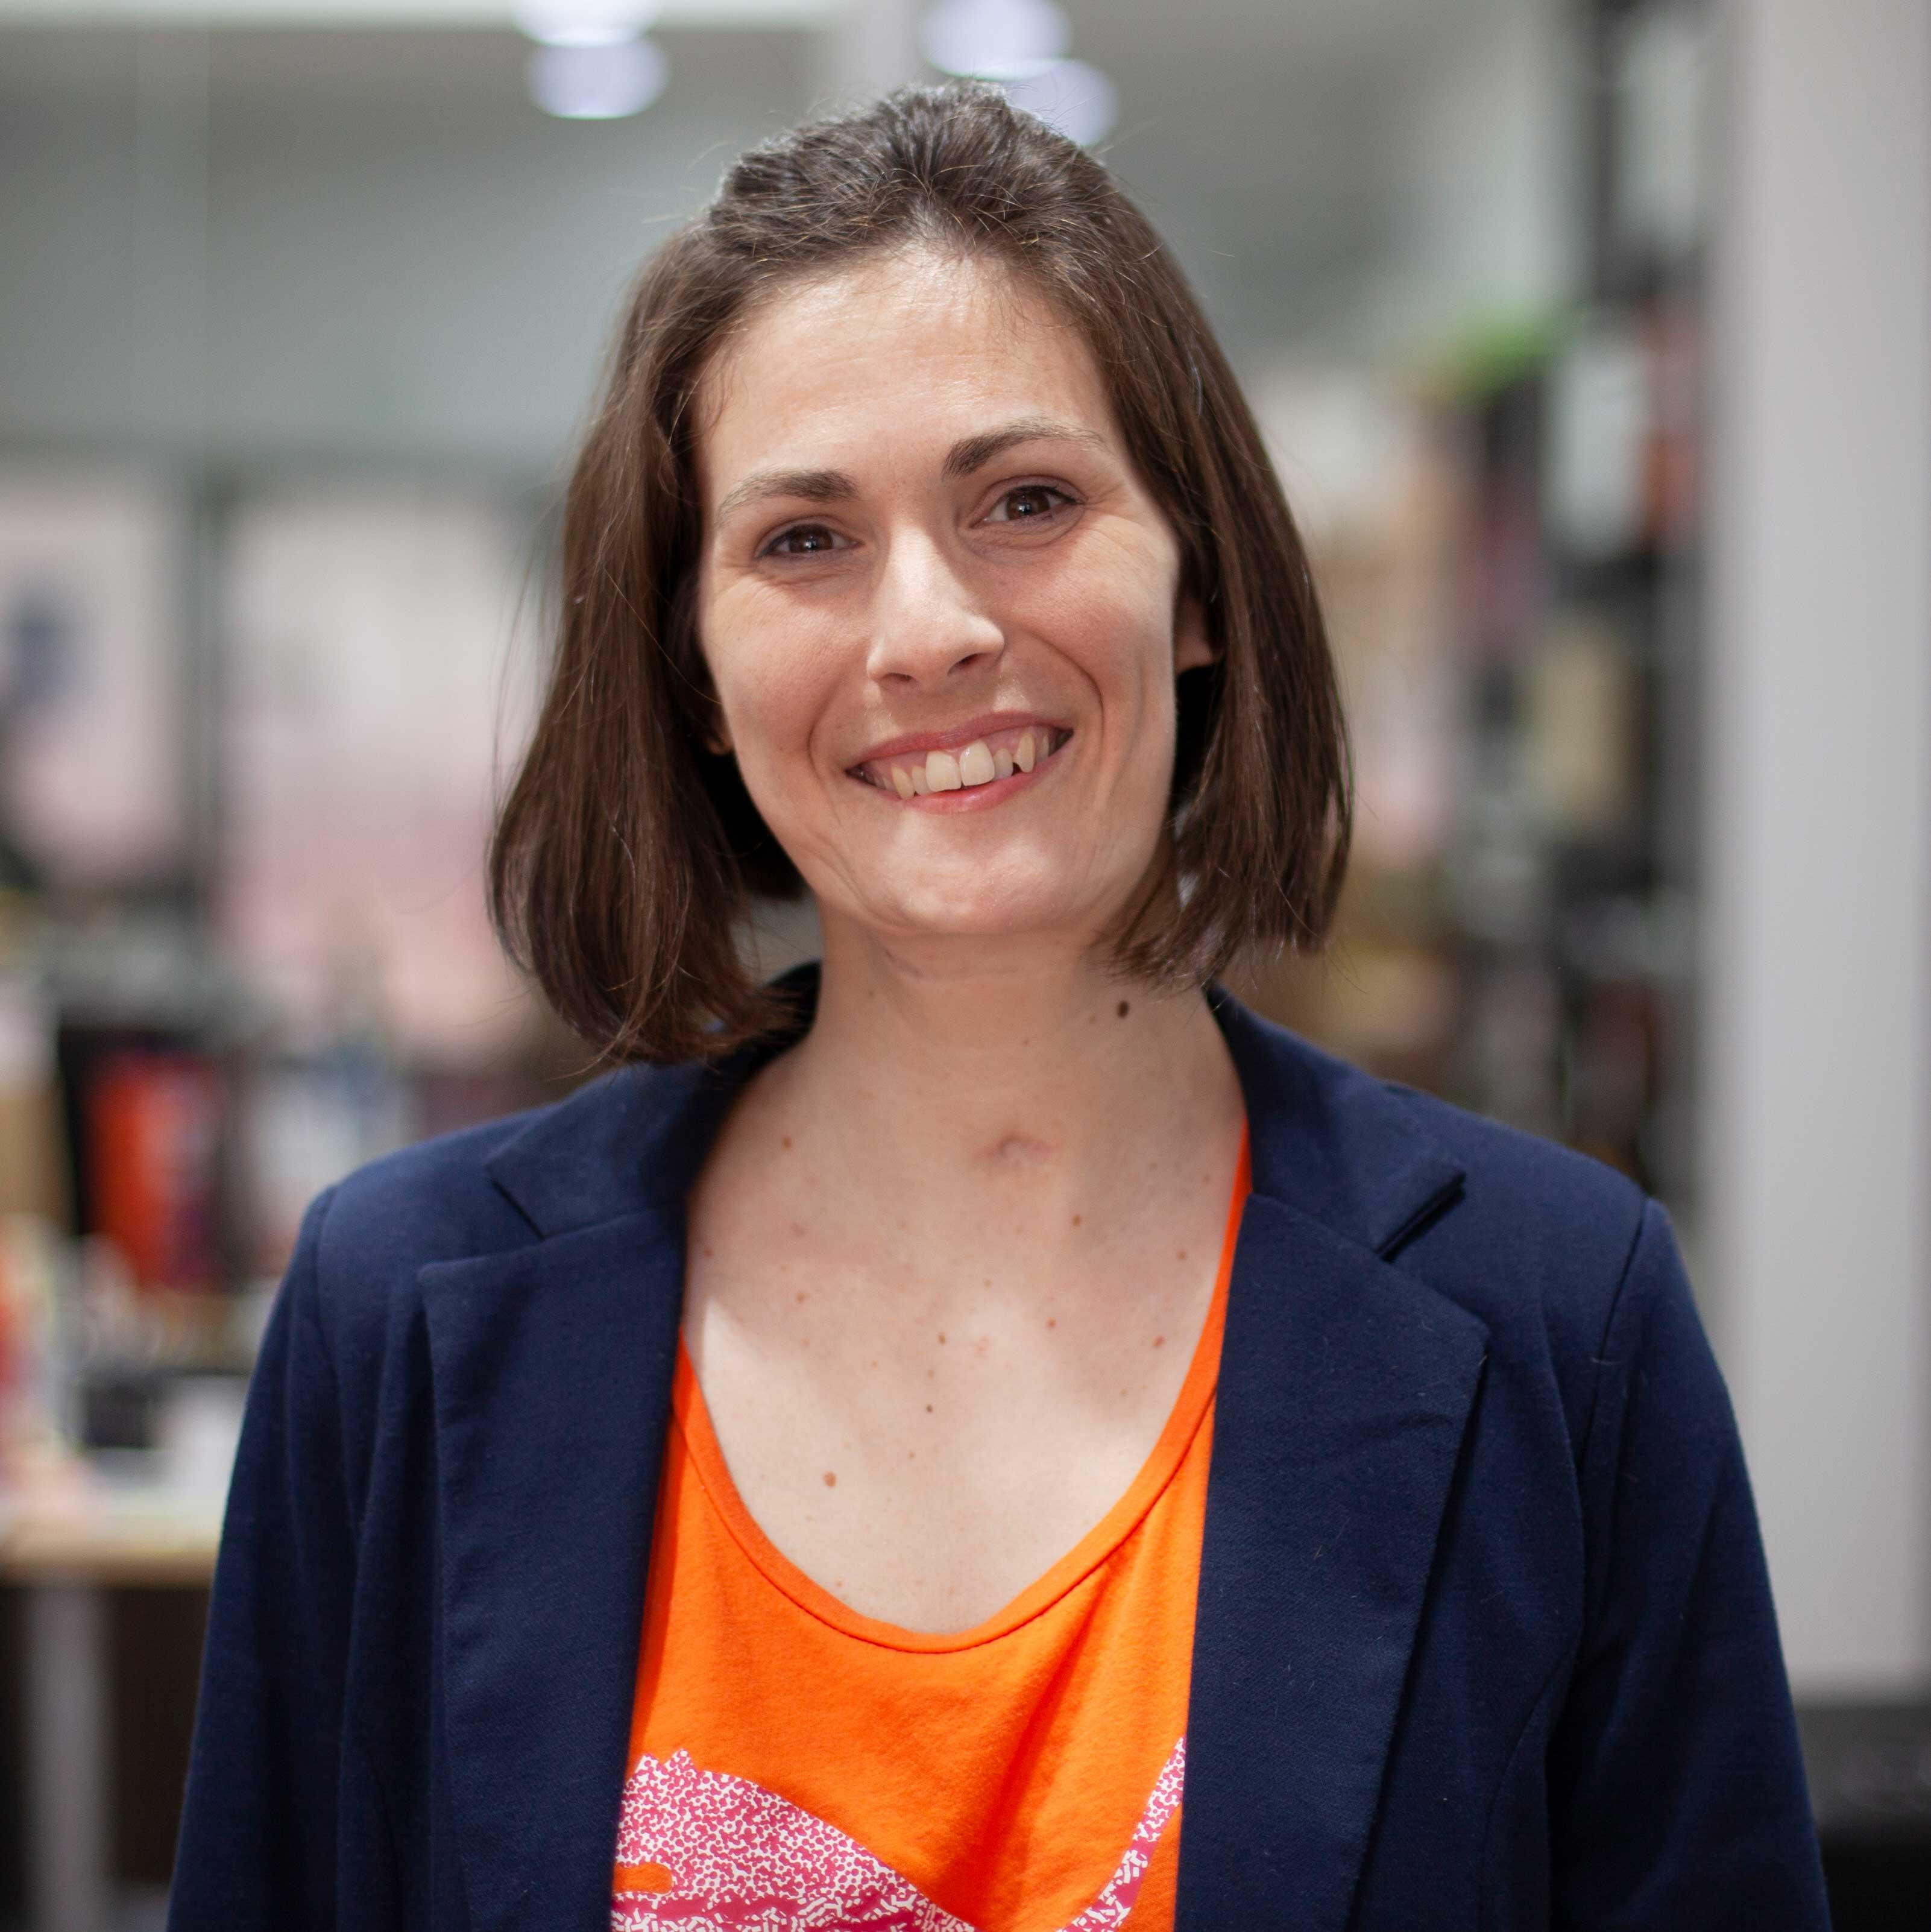 Fayna Sanchez